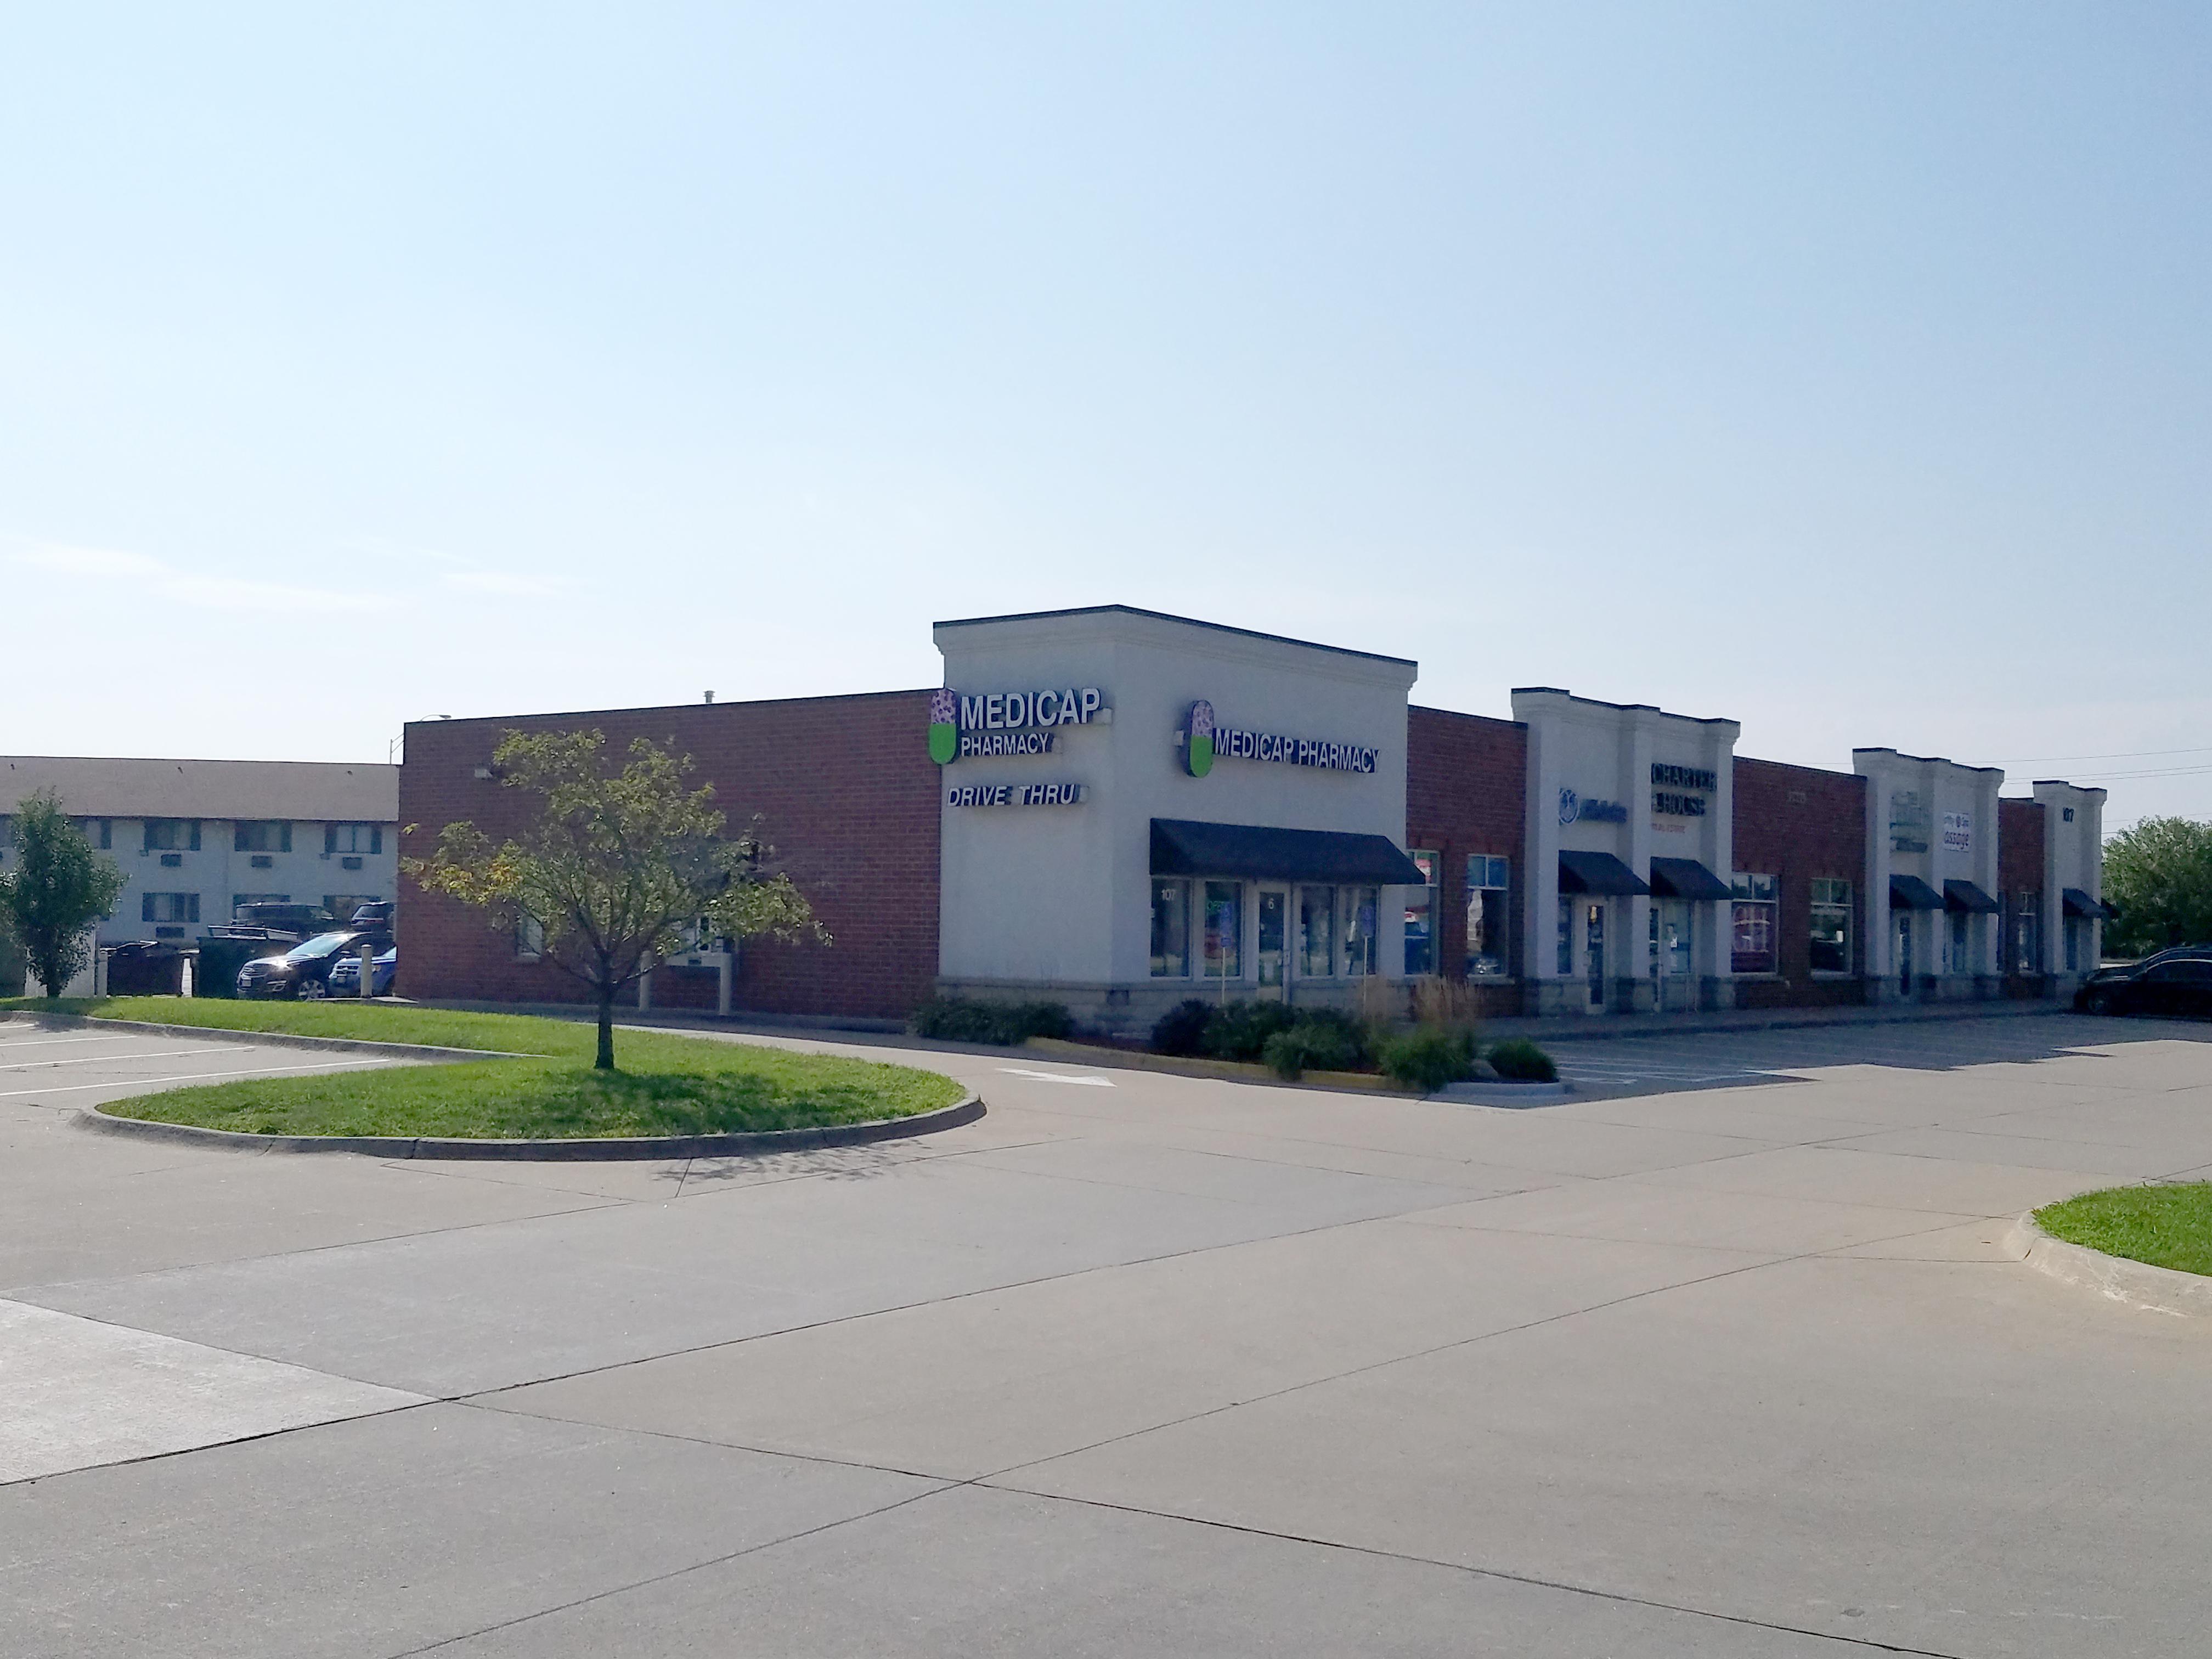 Ankeny Medicap Storefront